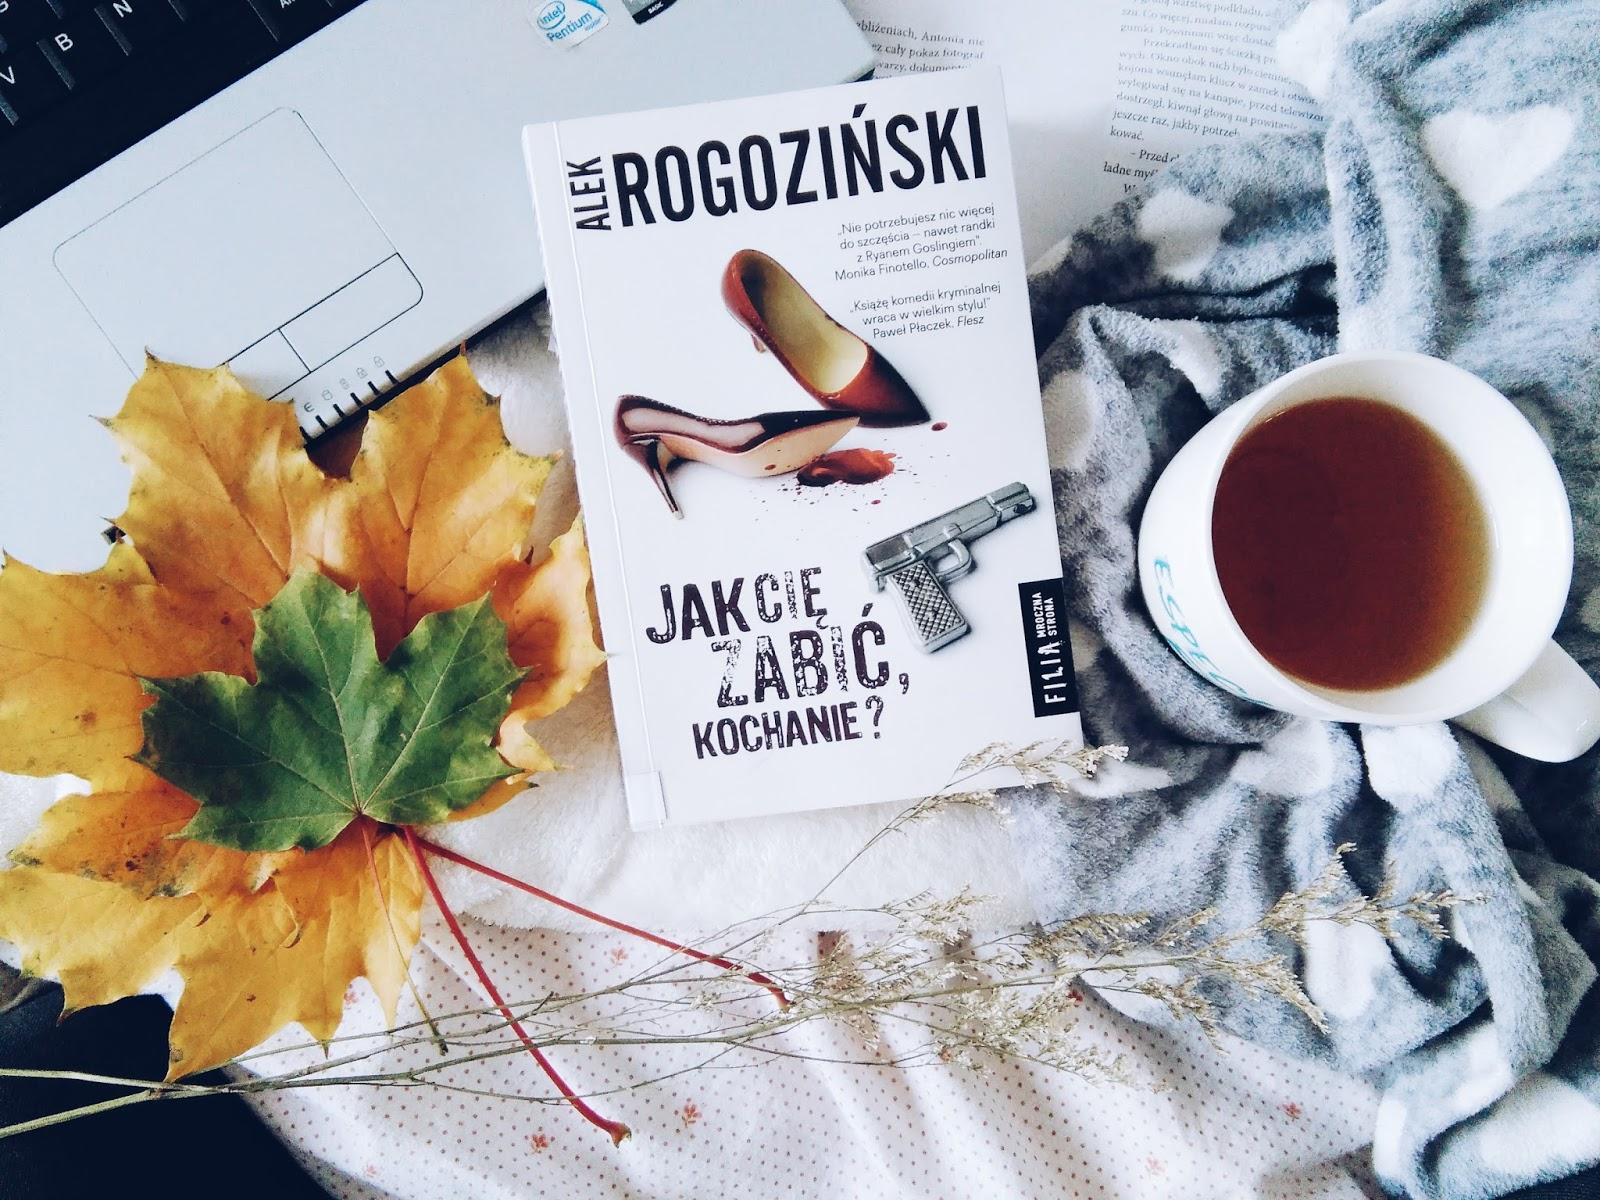 """,,JAK CIĘ ZABIĆ, KOCHANIE?"""" Alek Rogoziński"""